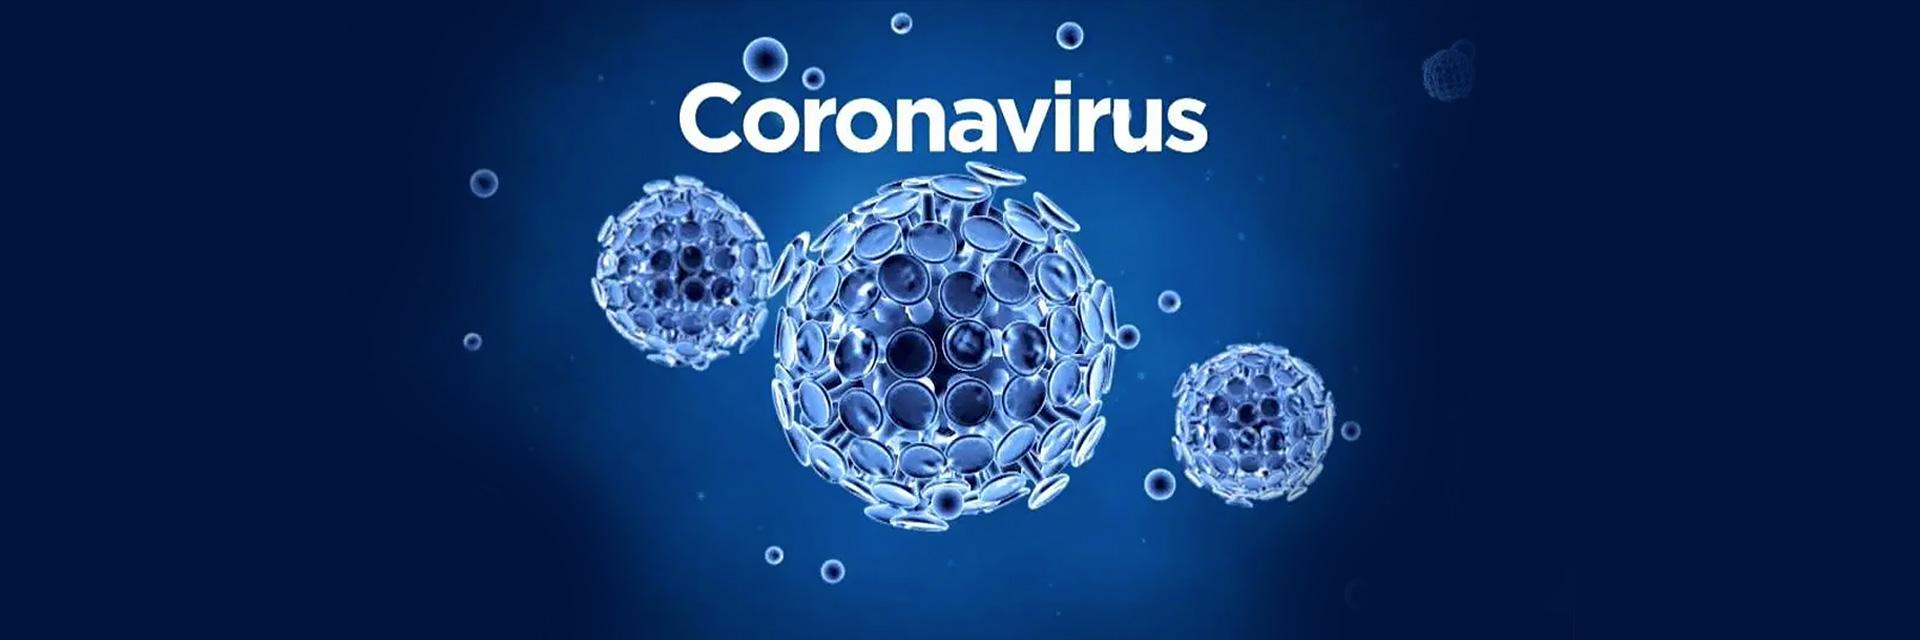 在英文外贸开发信中可能使用到的新冠肺炎疫情/Coronavirus/COVID-19常用英语及表达